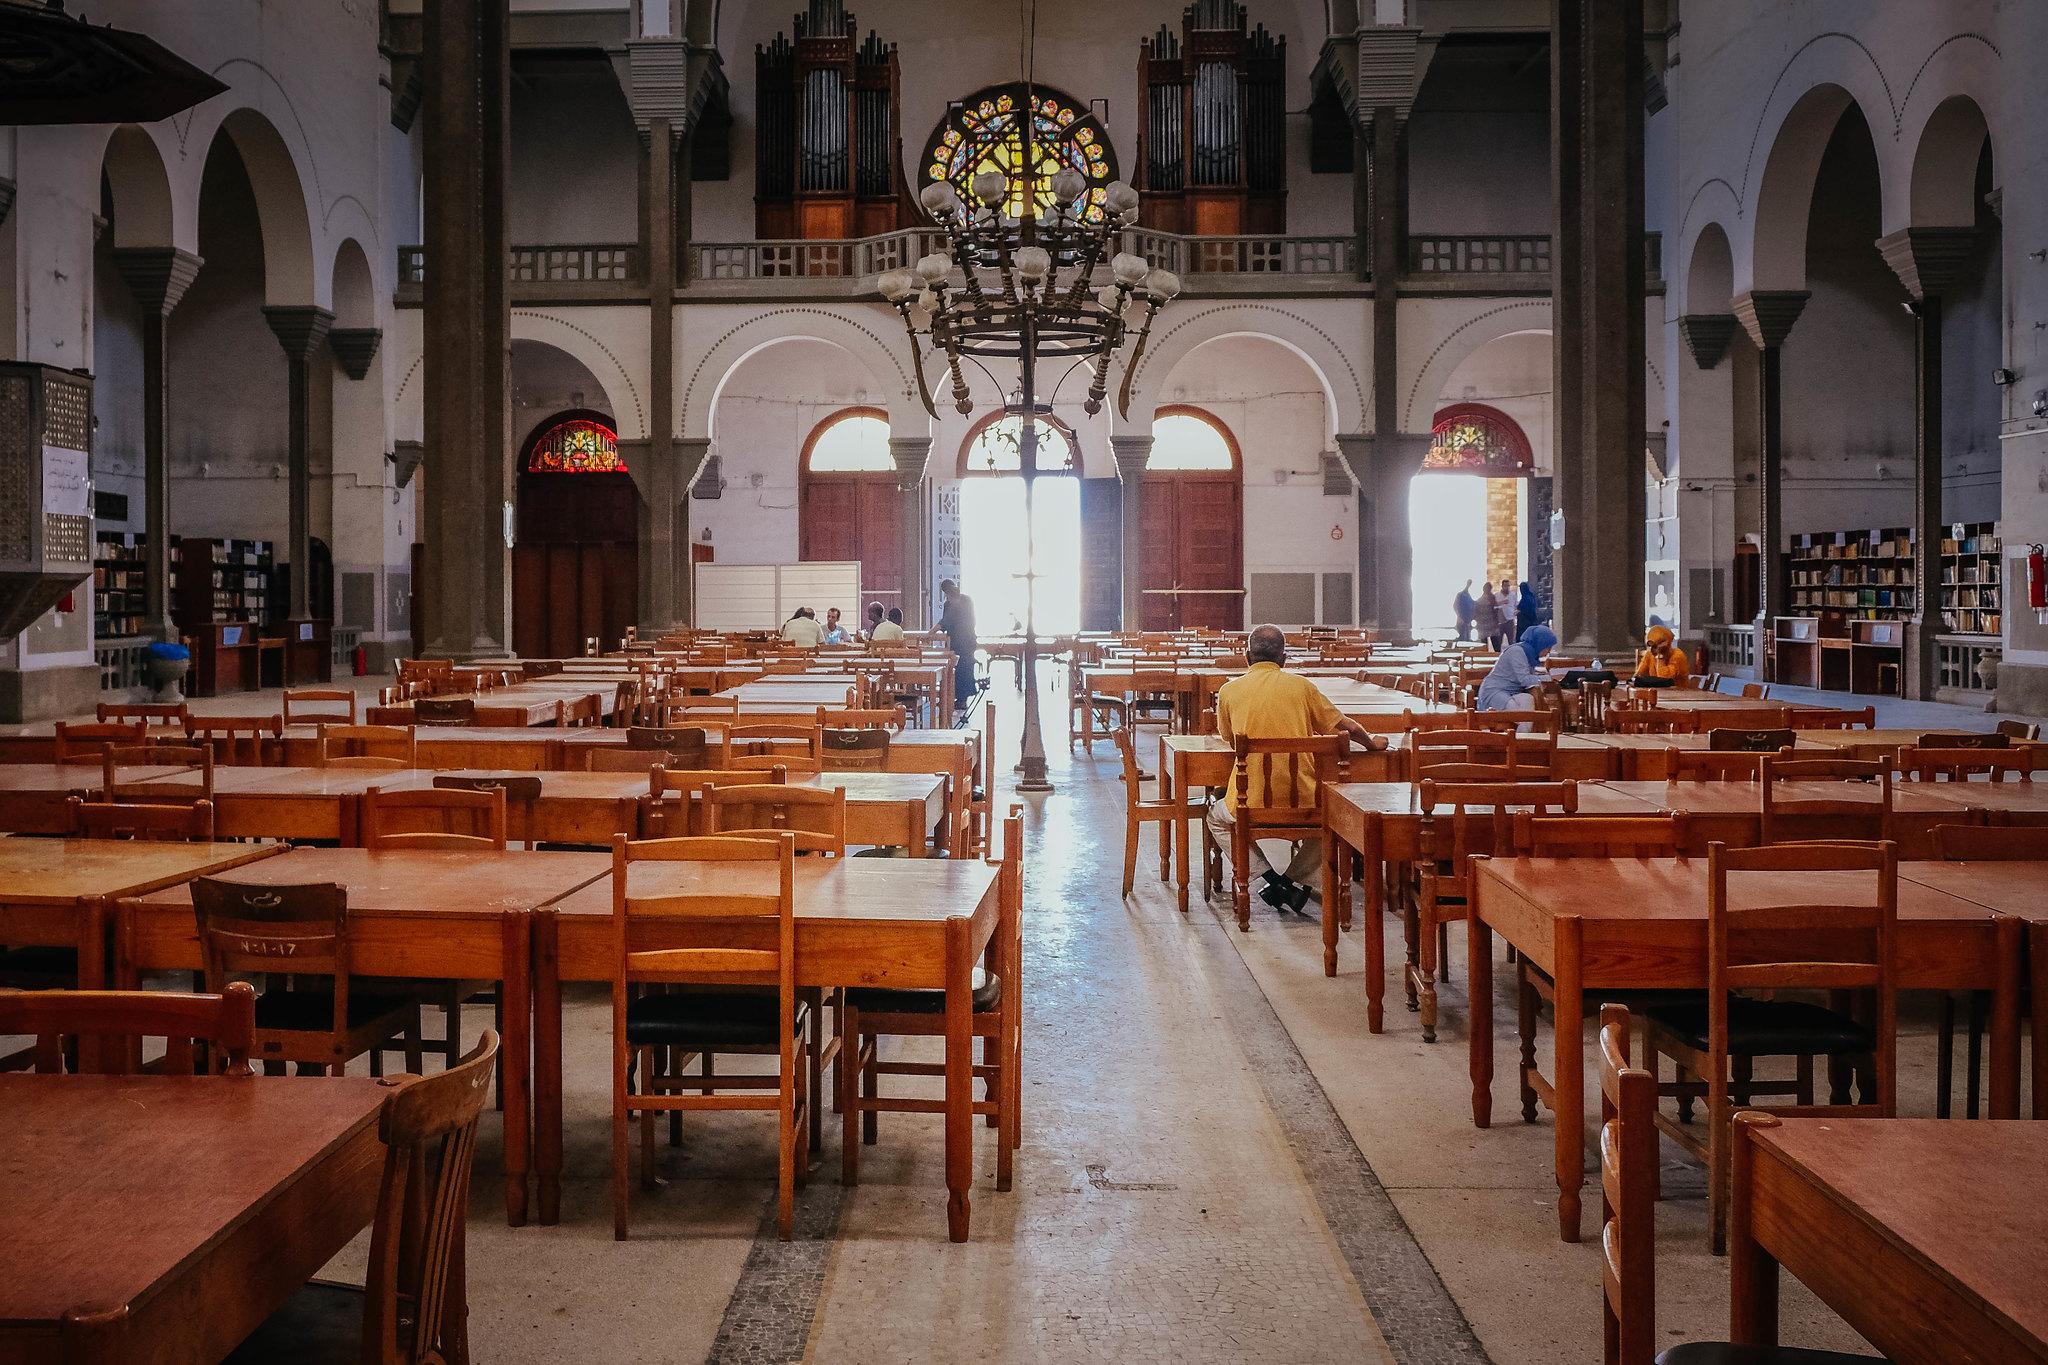 InsideCathédrale du Sacré-Cœur / library